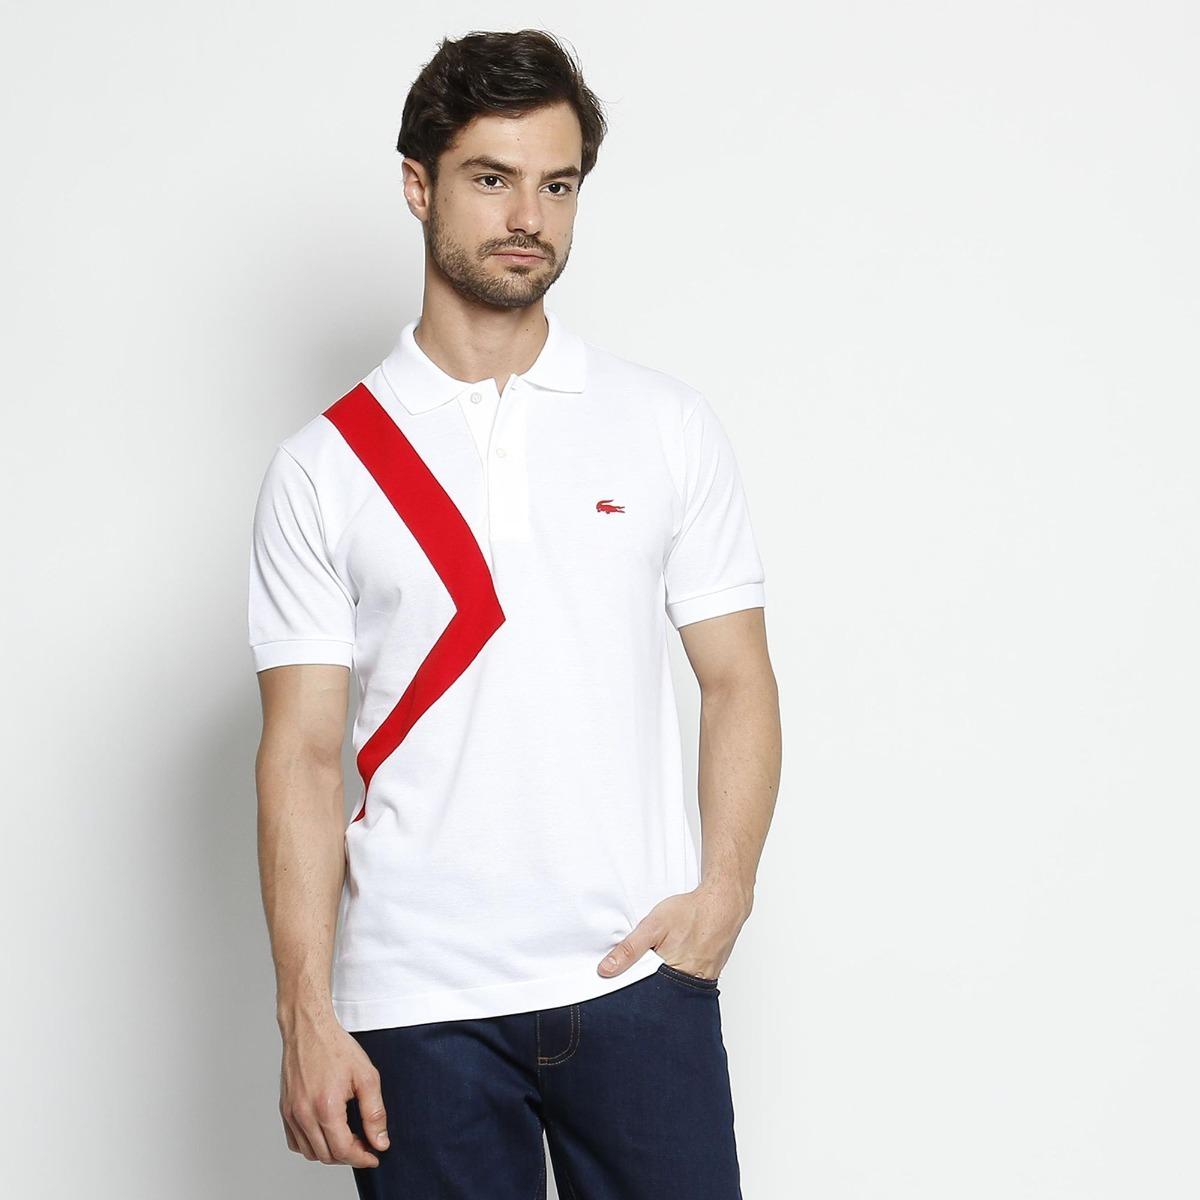 camisa polo lacoste masculina fair play edição especial. Carregando zoom. 0fc6ea1d4b